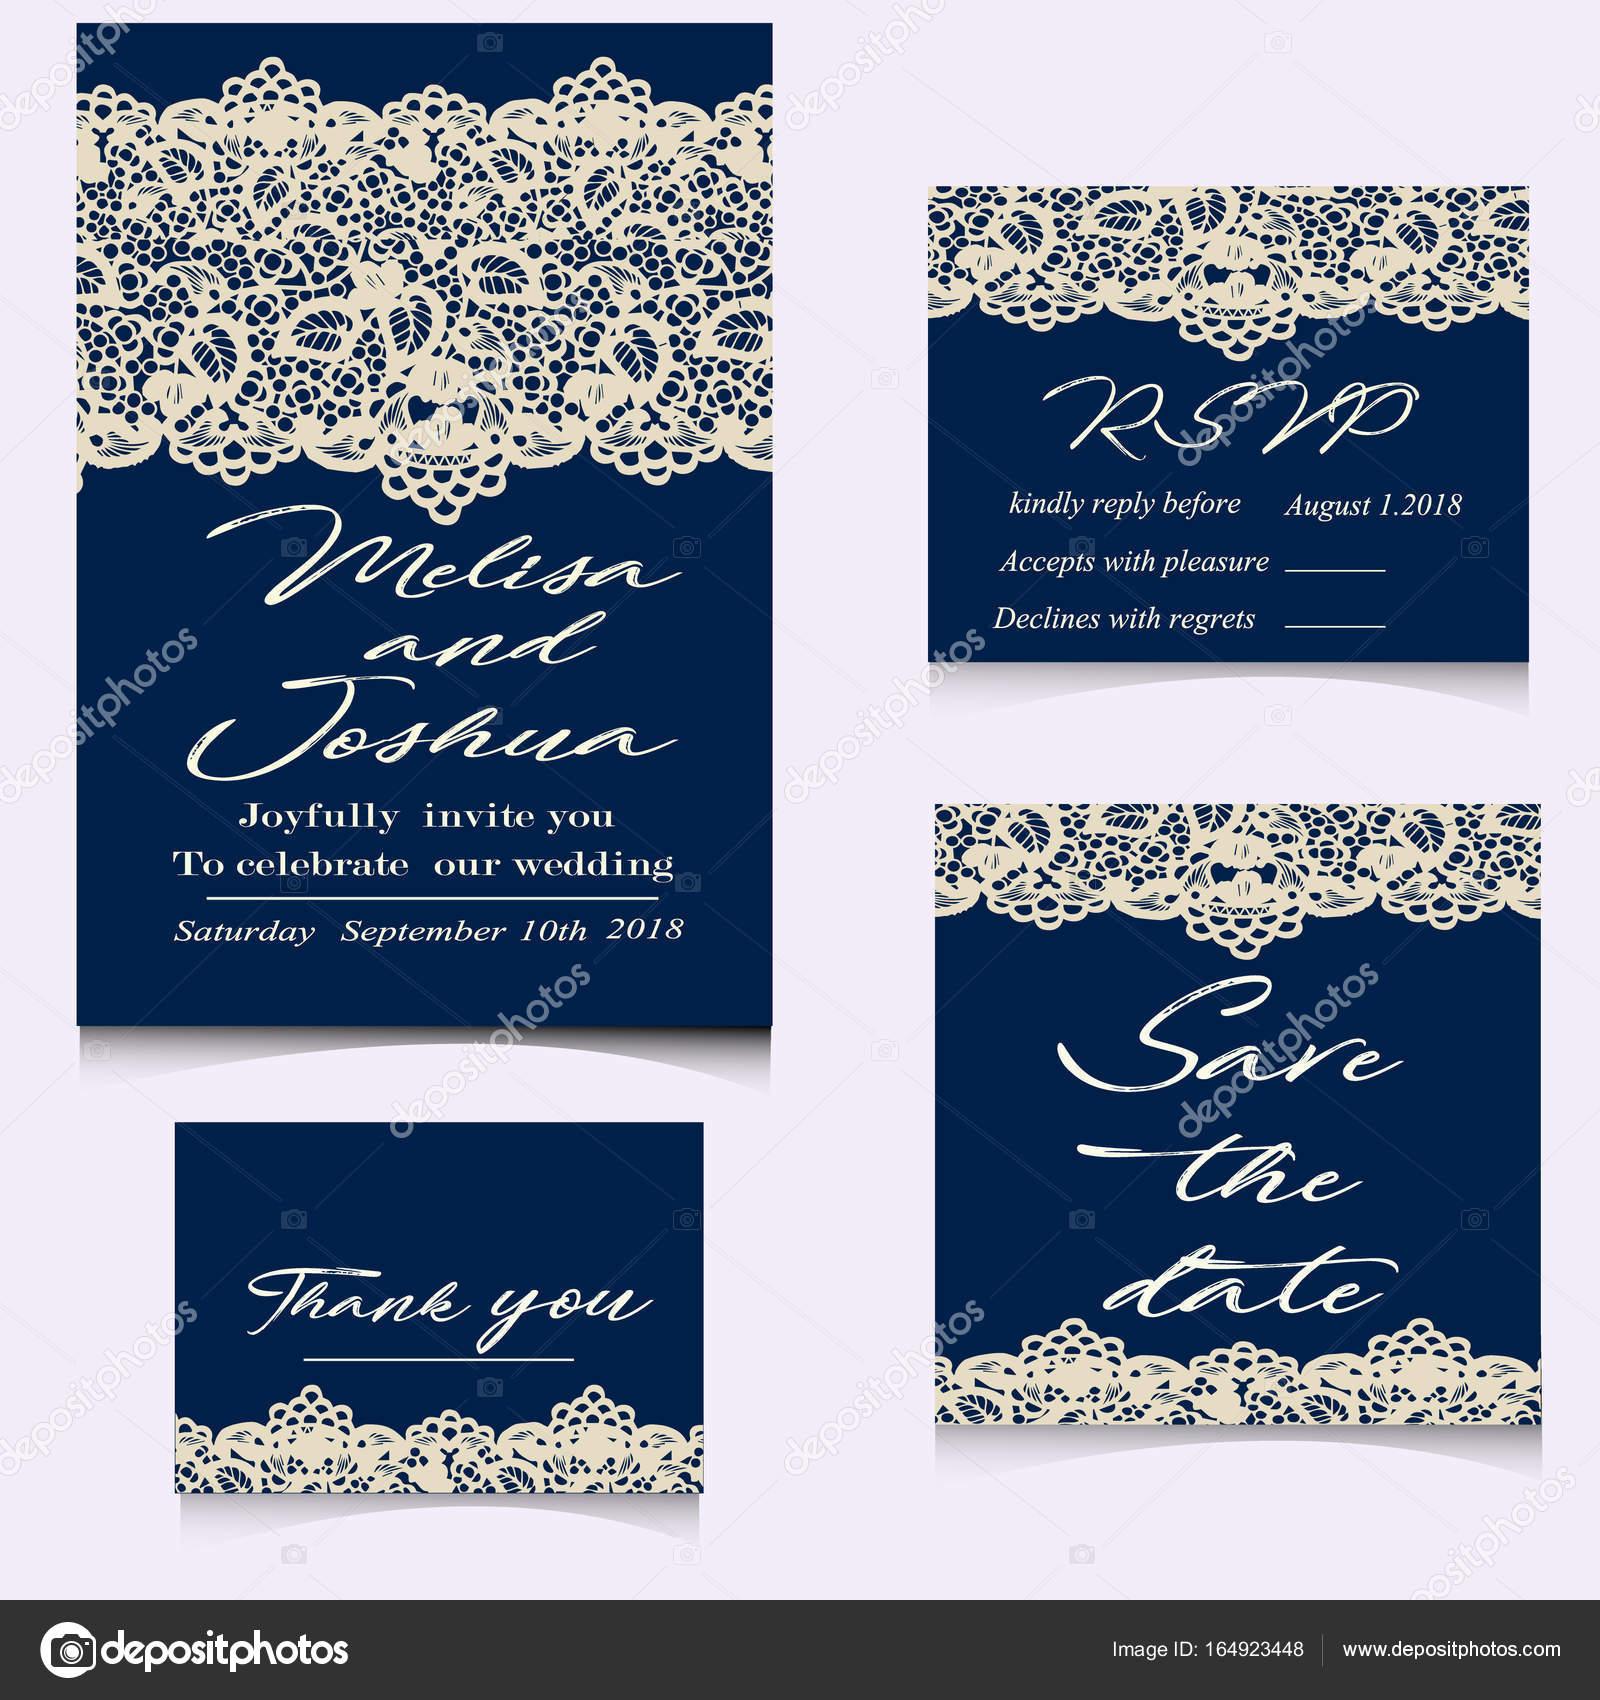 Plantillas de invitaciones de encaje para novia — Archivo Imágenes ...